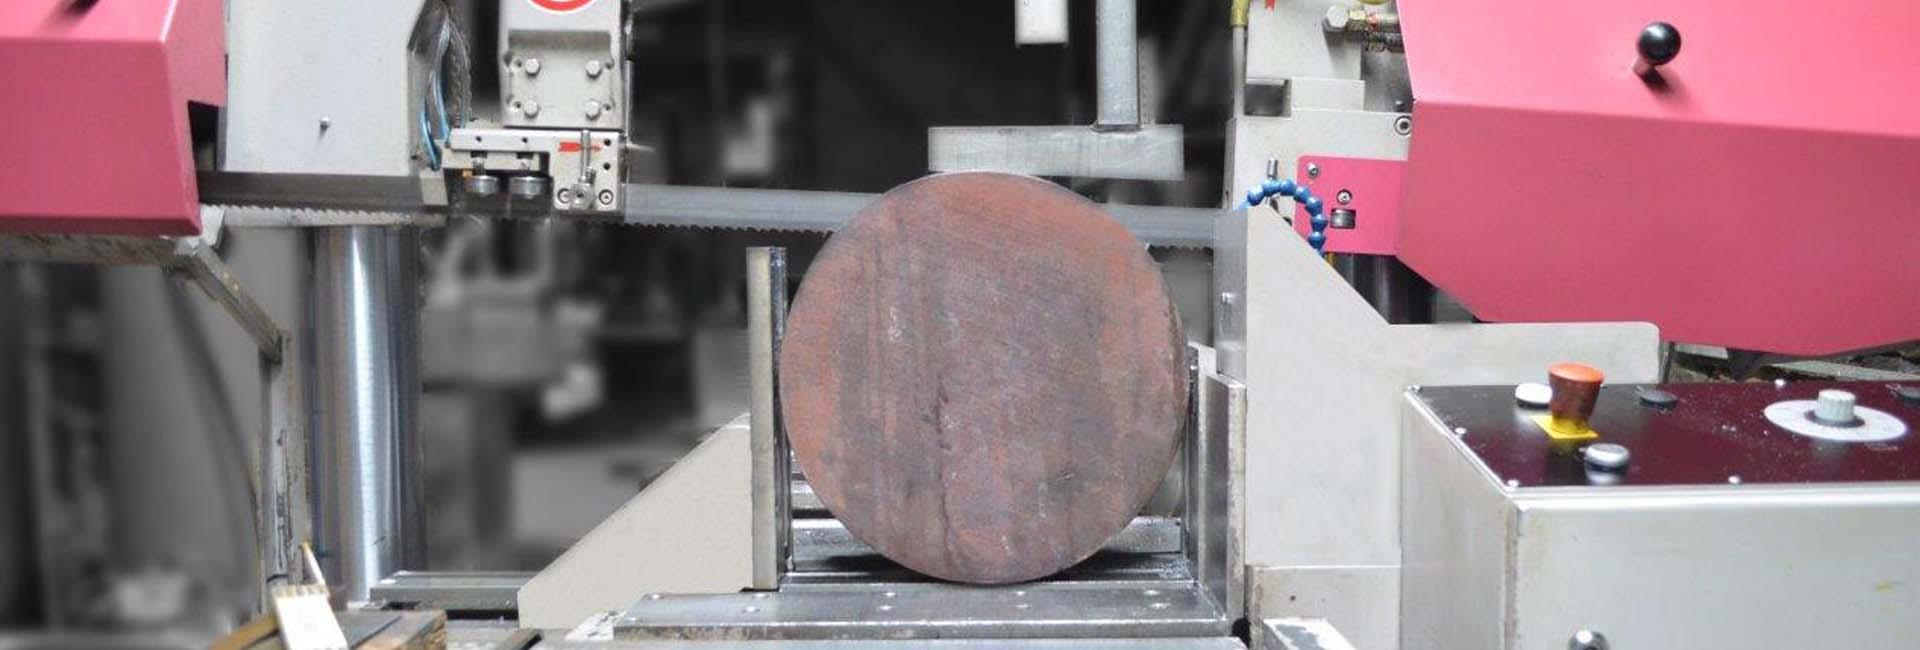 Sägen von Rundmaterial